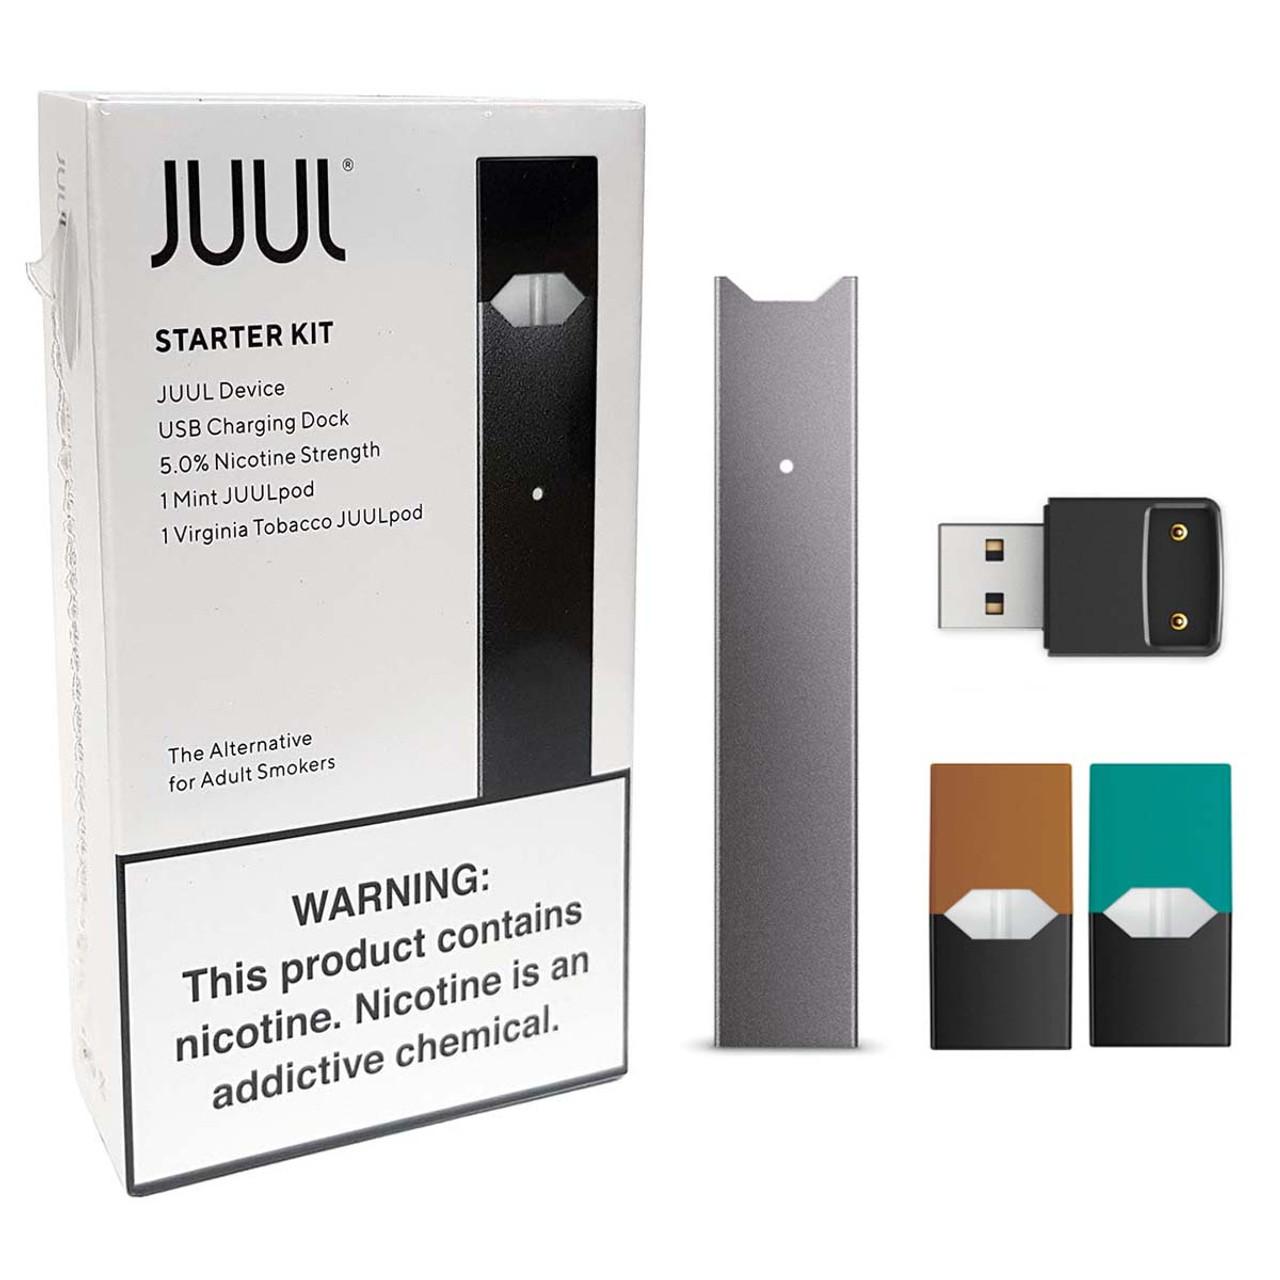 JUUL Starter Kit - 2 pack